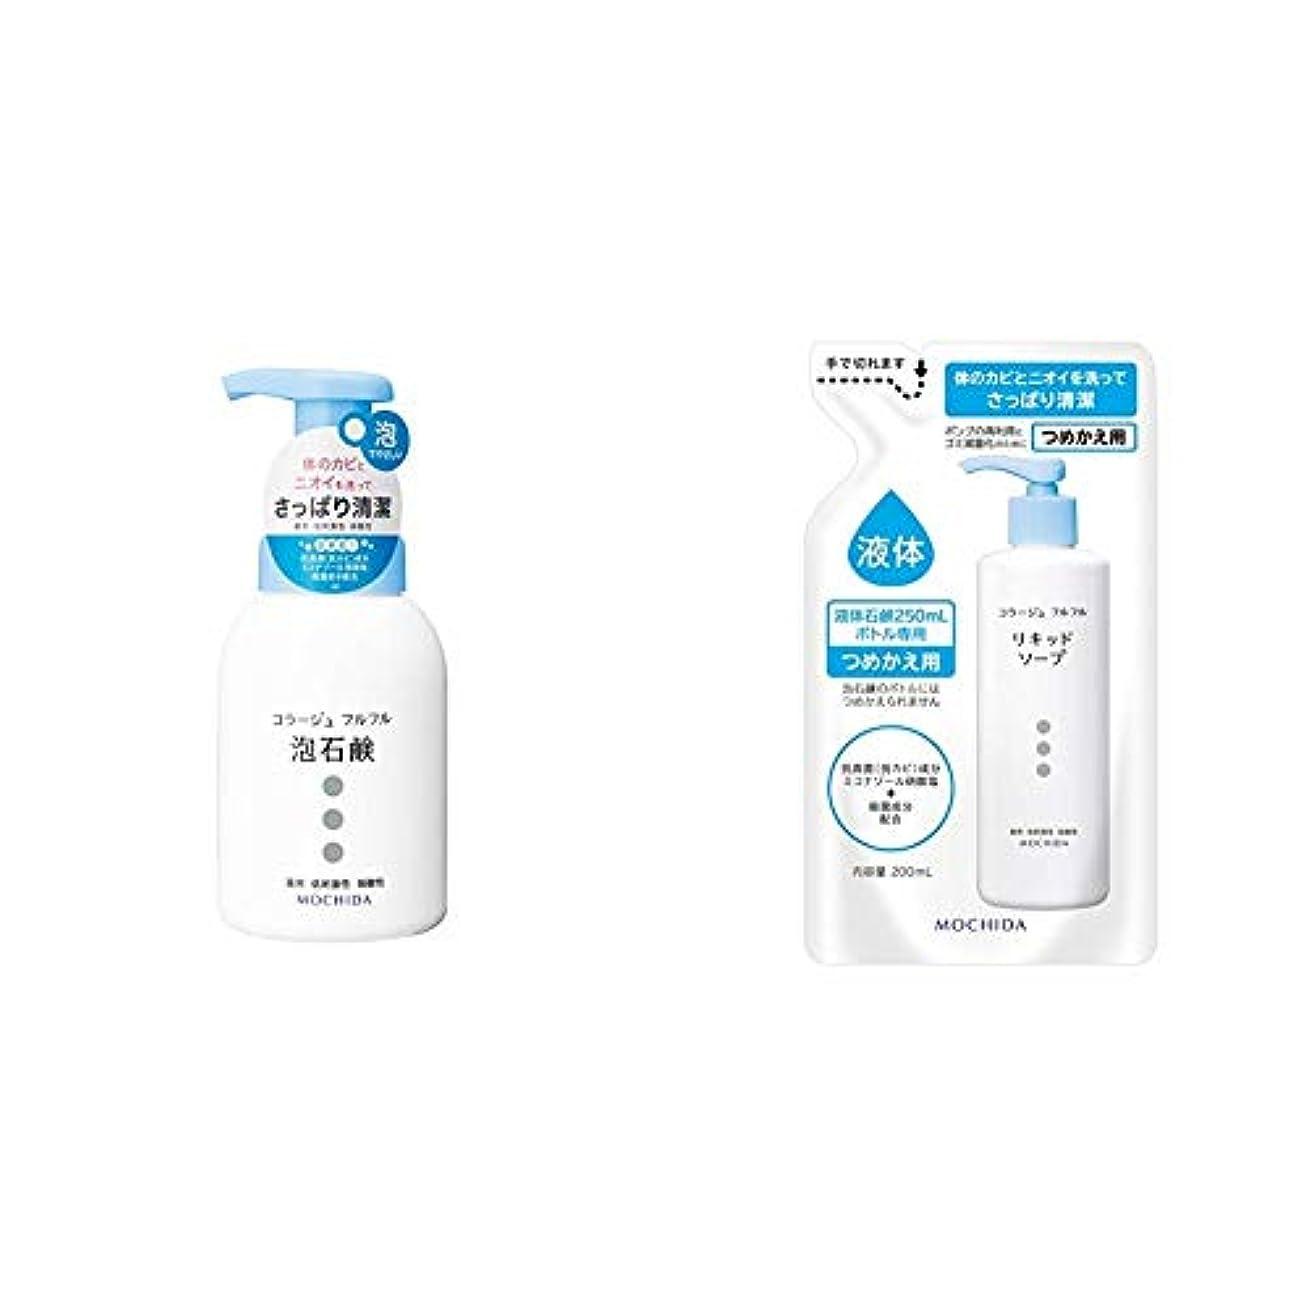 モードランチョンカウボーイコラージュフルフル 泡石鹸 300mL (医薬部外品) & 液体石鹸 (つめかえ用) 200mL (医薬部外品)